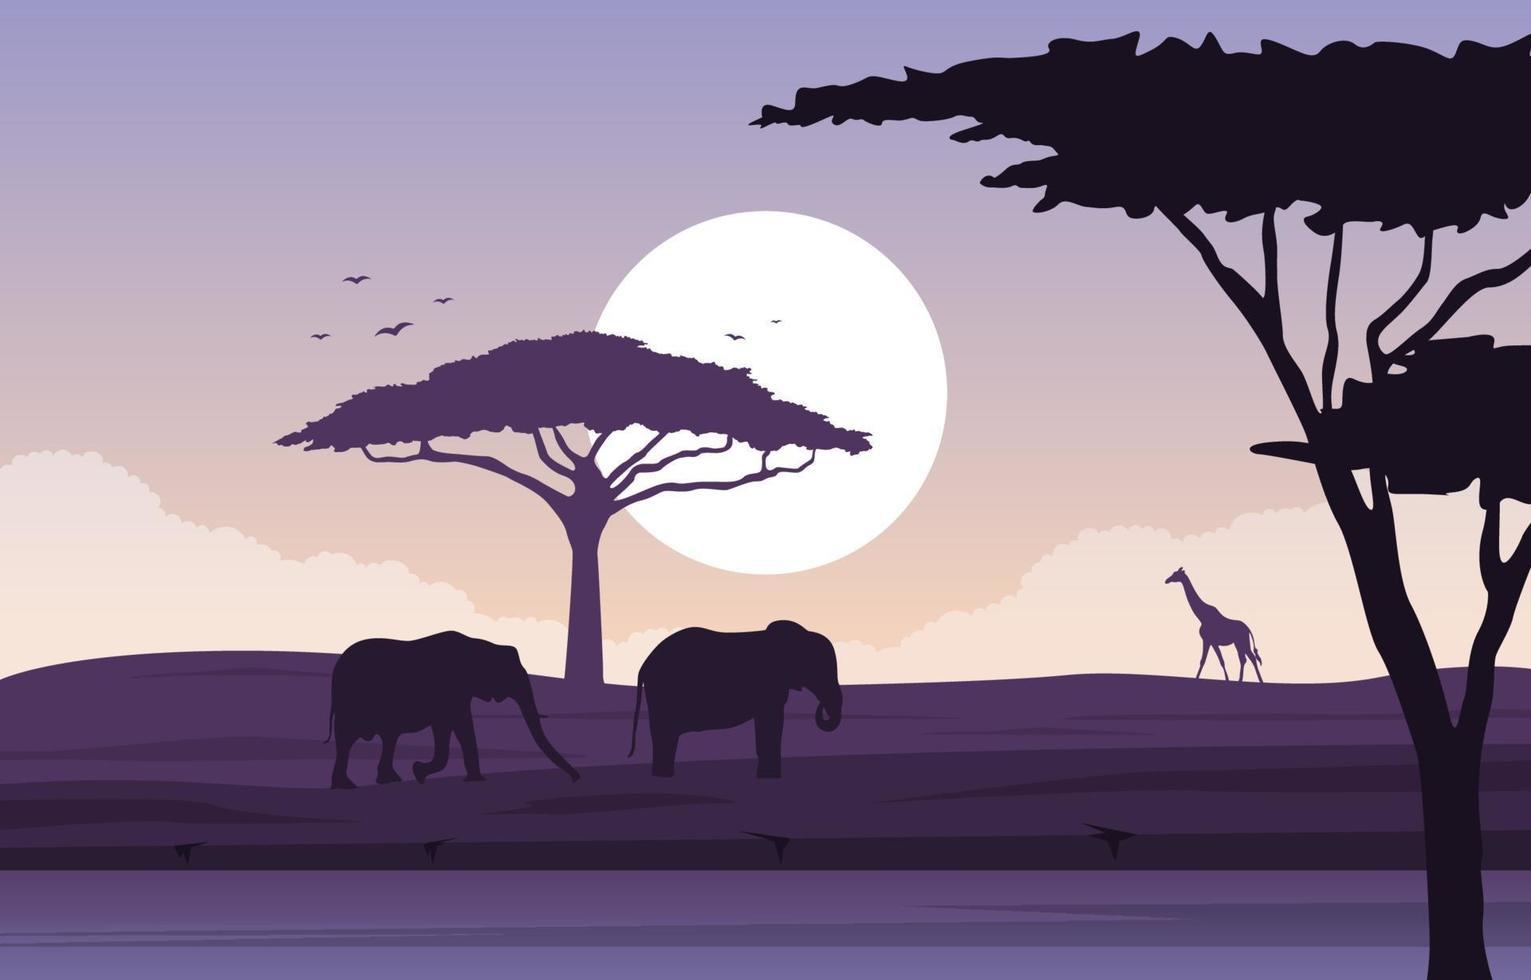 elefantes y jirafas en el paisaje de la sabana africana vector